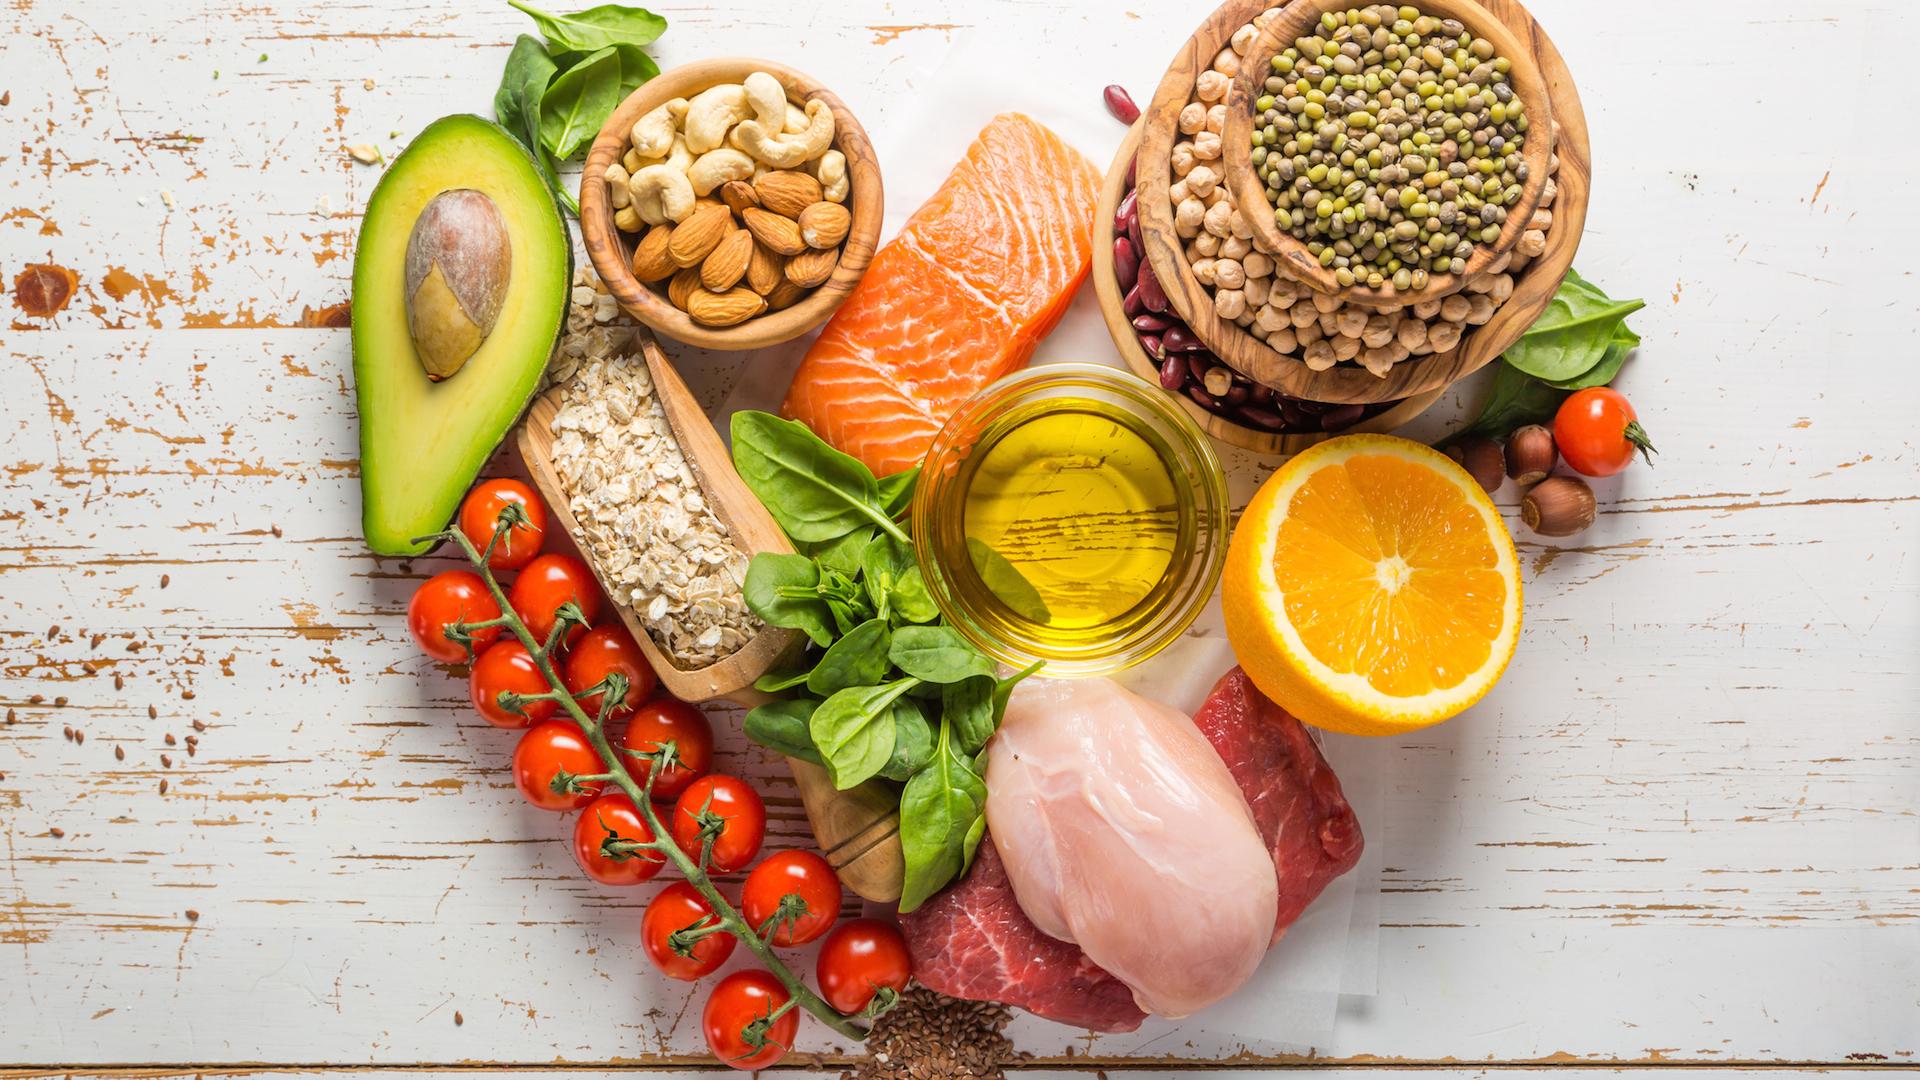 Ωμέγα 3 τροφές: 5 τροφές πλούσιες σε ωμέγα 3 για ενίσχυση του ανοσoποιητικού [vid]